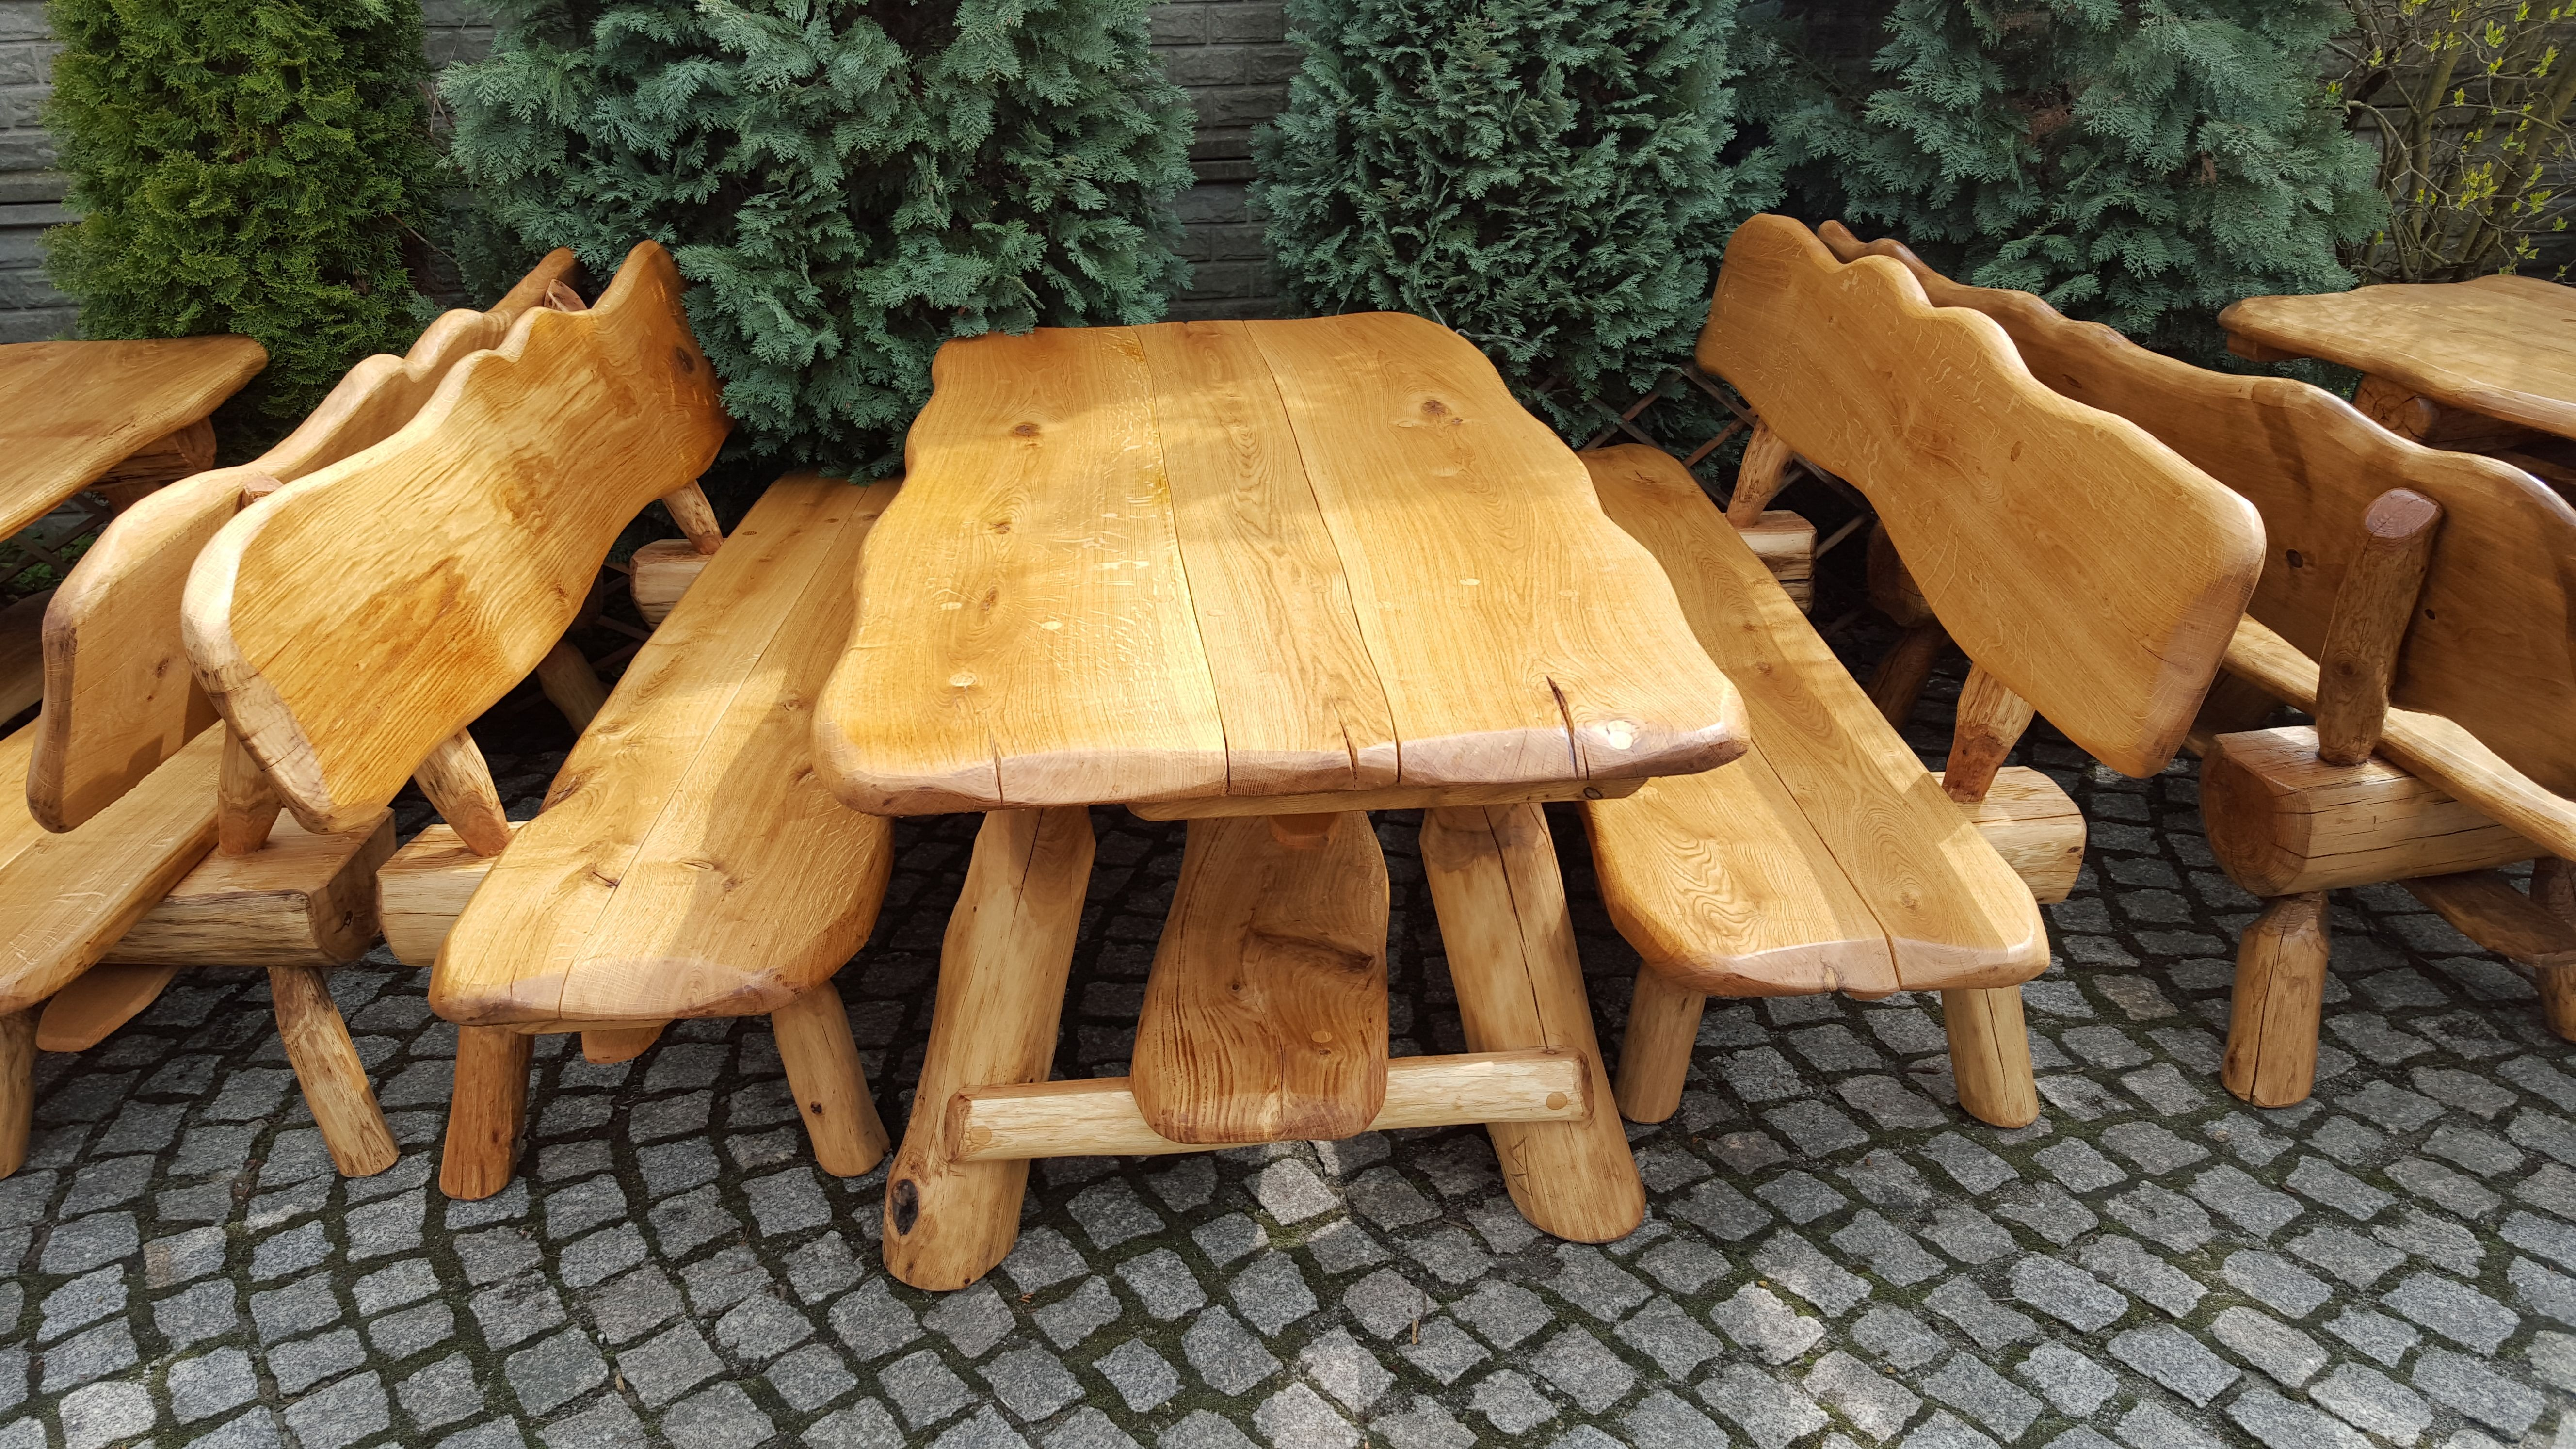 Gartengarnituren Aus Holz Massiv In 2021 Gartengarnitur Holz Gartenbank Holz Massiv Garten Ideen